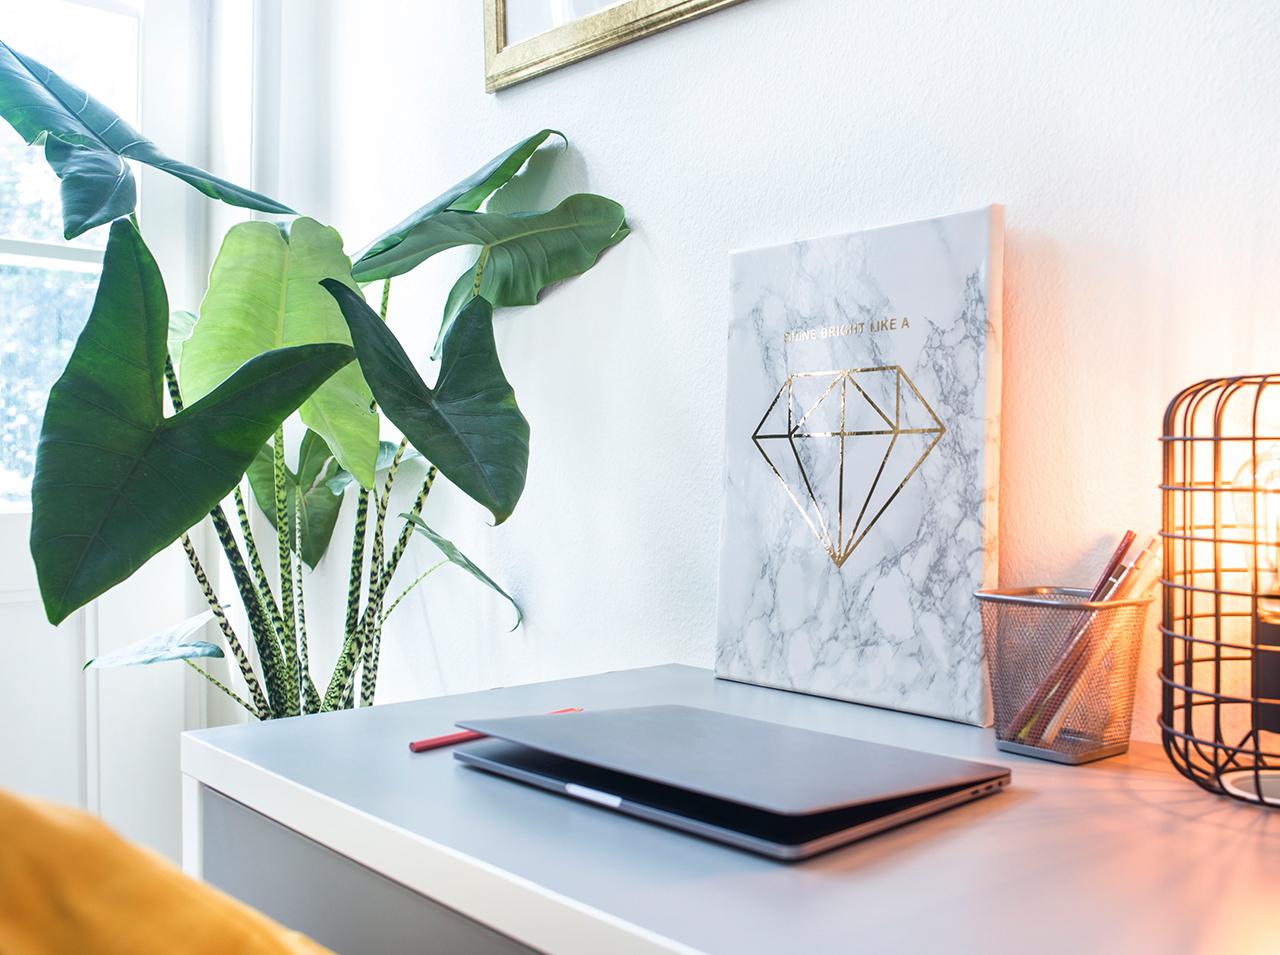 Obraz ścienny do samodzielnego wykonania z płótna oklejonego folią samoprzylepną d-c-fix® o wyglądzie marmuru i ozdobionego złotym elementem o kształcie diamentu.